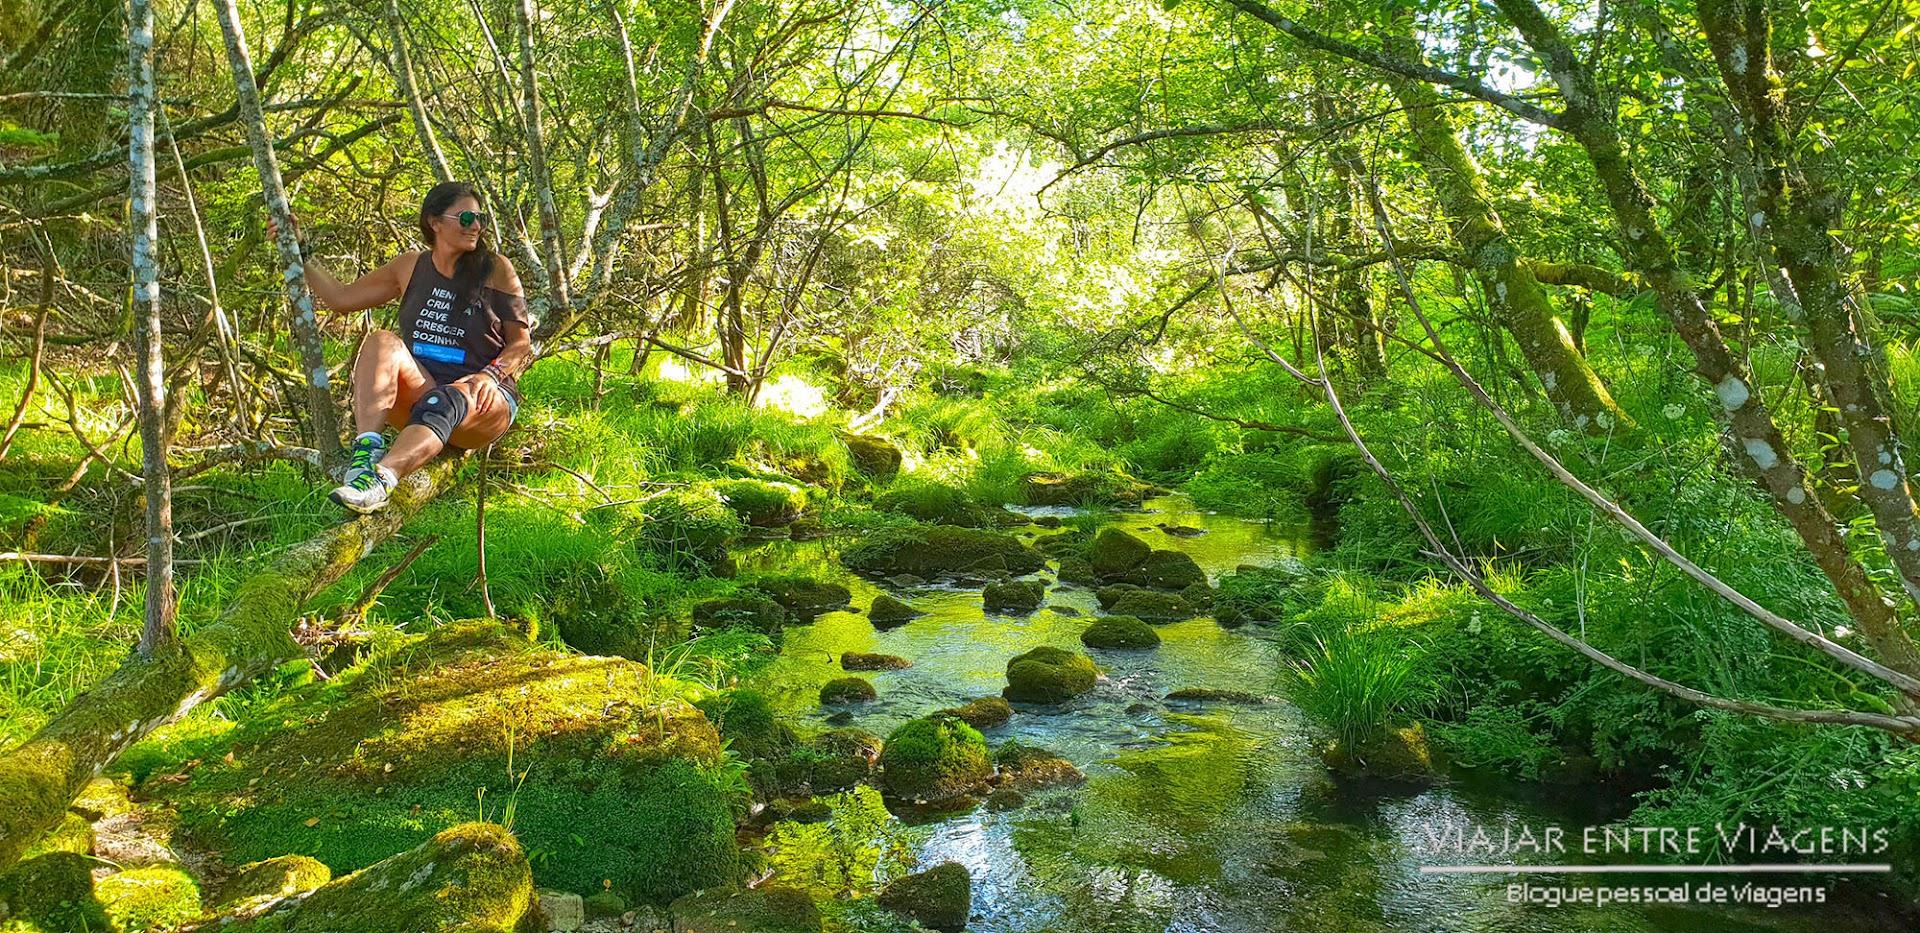 Visitar o GERÊS | O que ver e fazer na serra do Gerês para aproveitar trilhos, cascatas, piscinas naturais e gastronomia